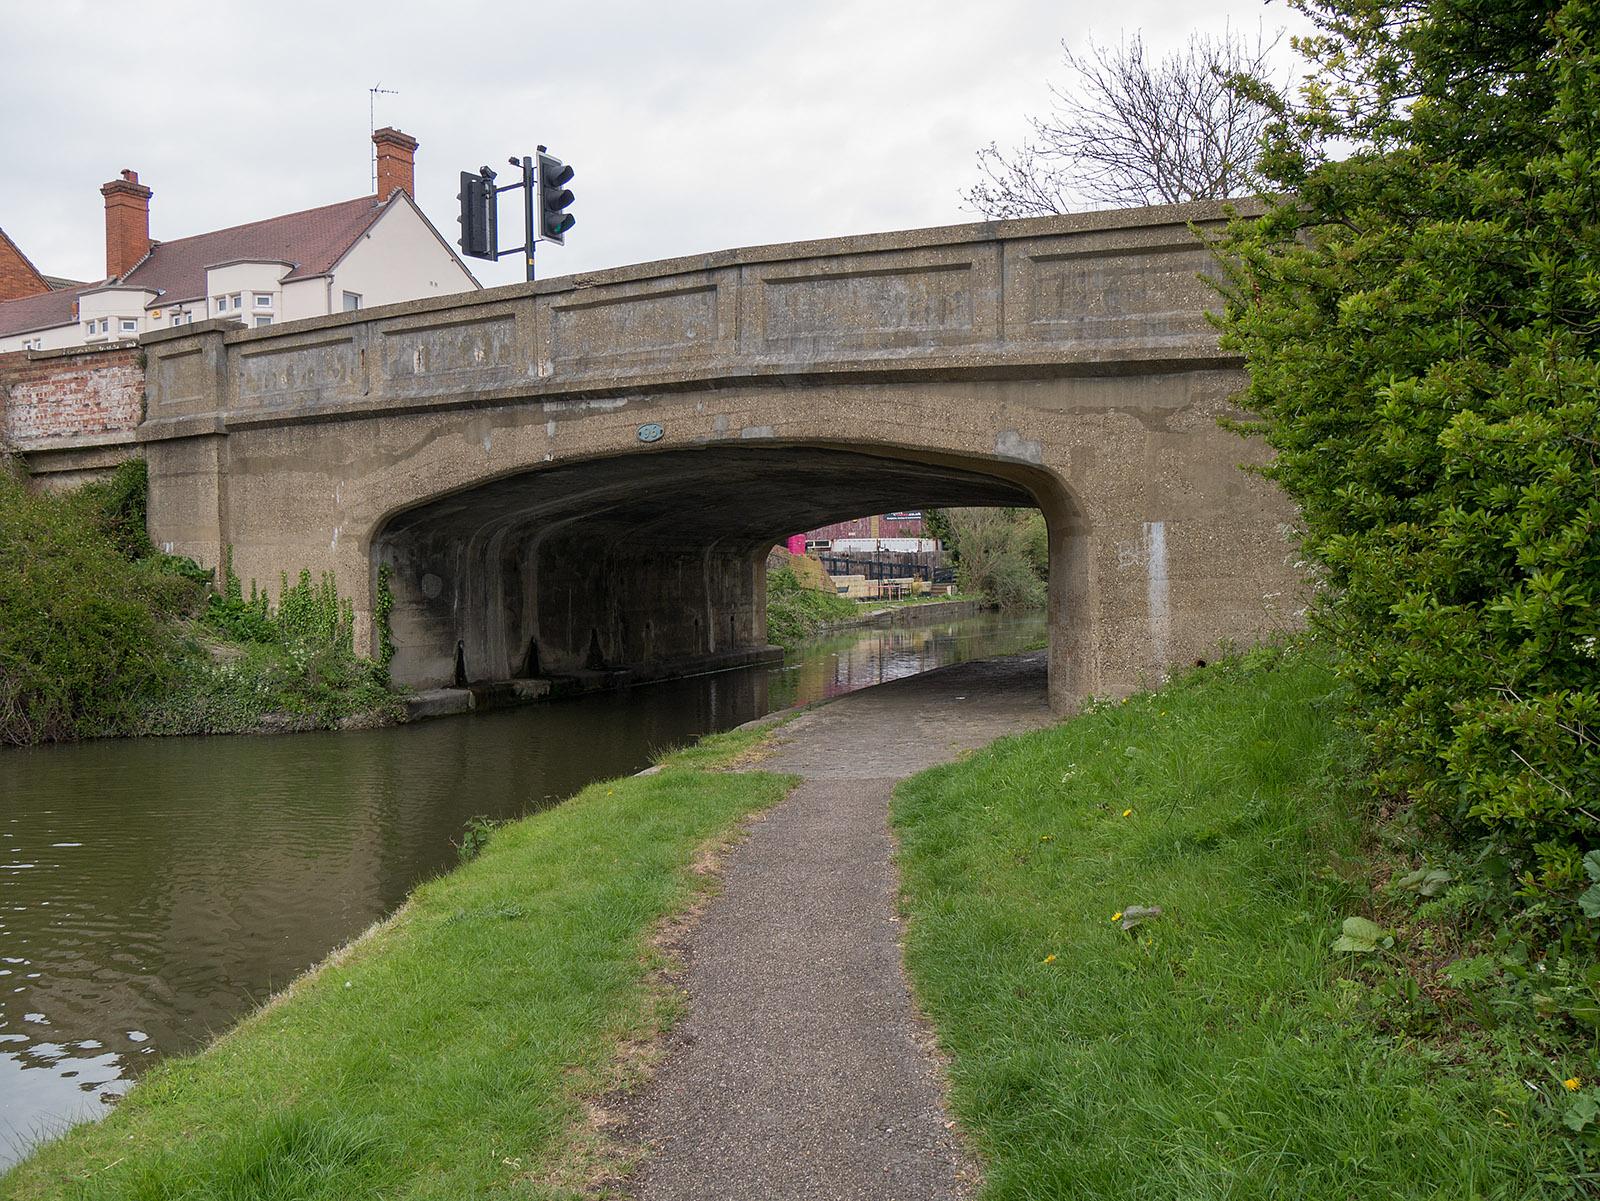 Bridge 96 at Fenny Stratford